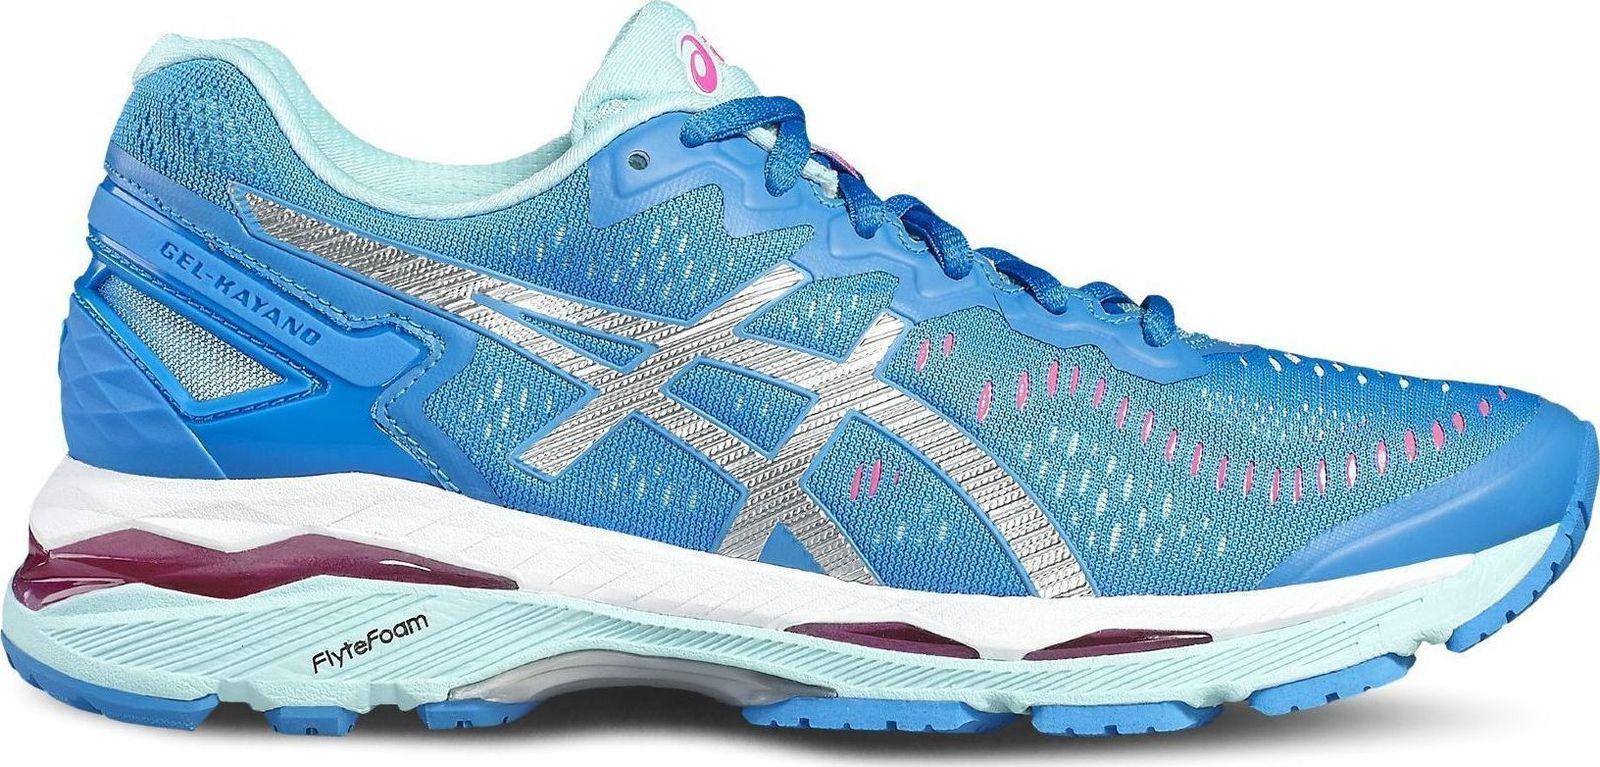 Кроссовки Asics Gel Kayano 23 женские T696N купить в интернет ... a86de8b9638